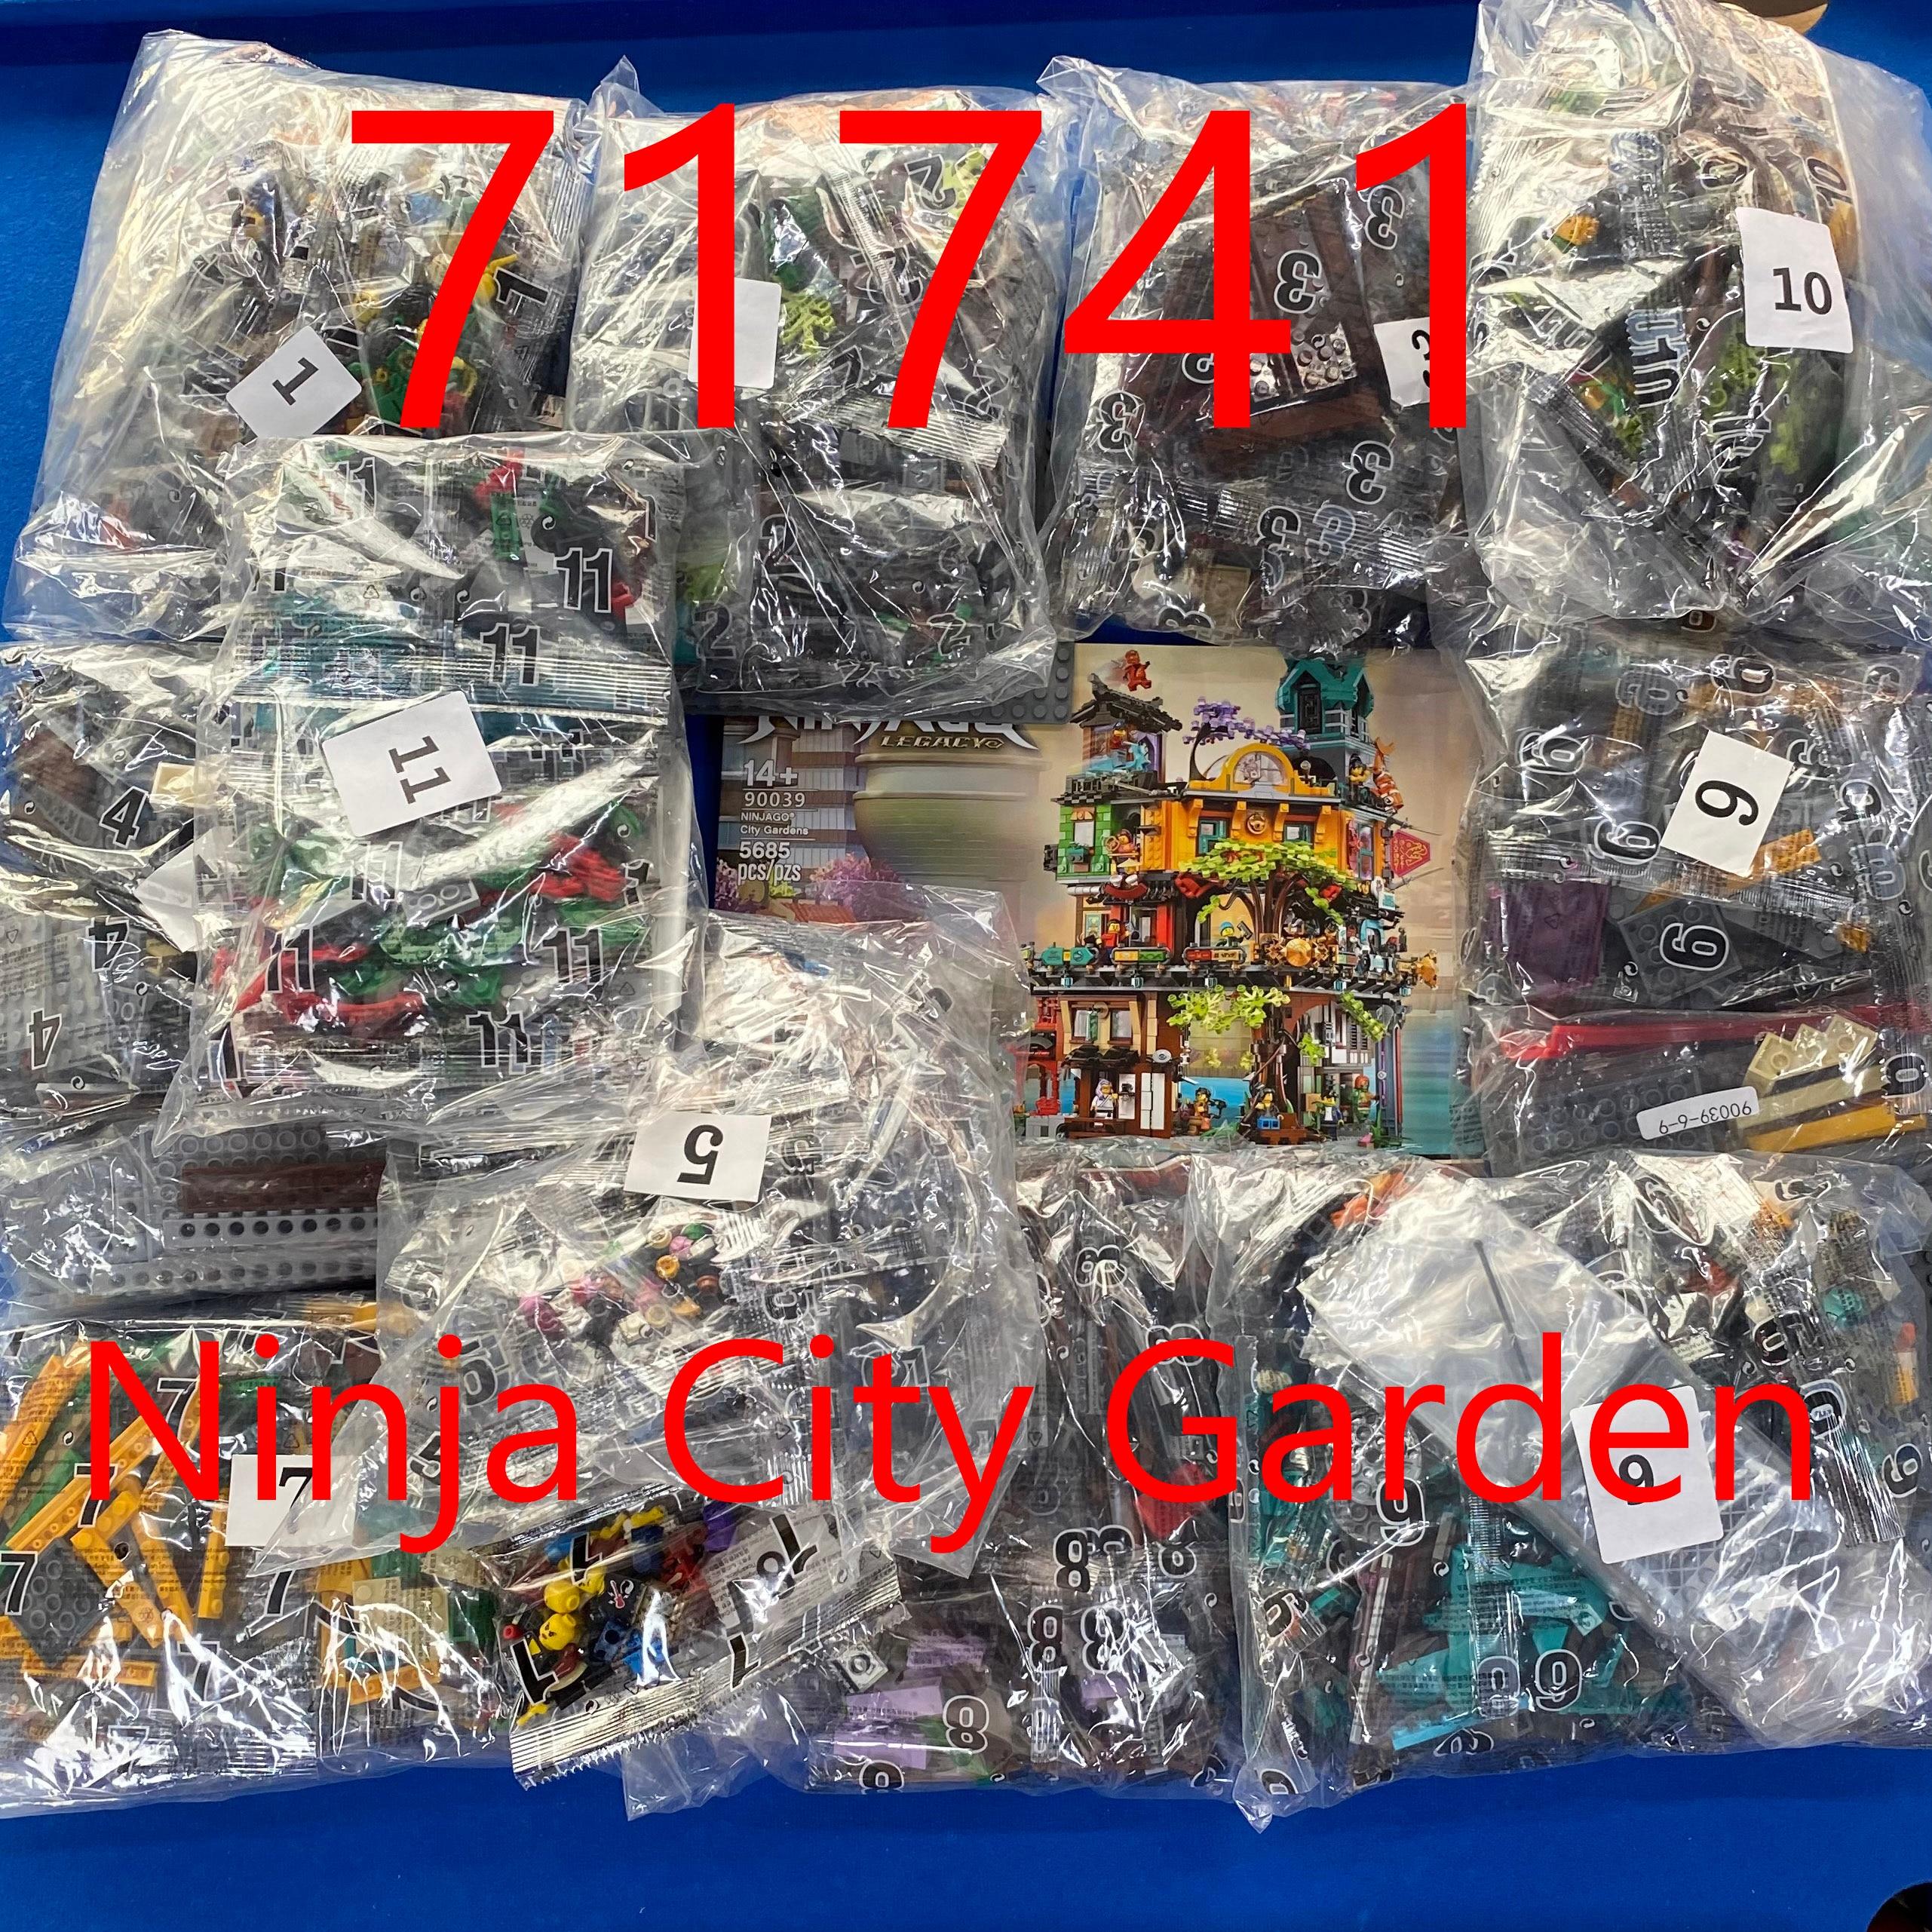 В наличии фильм серии Кирпичи Город садово-уличный светодиодный вид модели, строительные блоки, игрушки для детского образования подарки ...